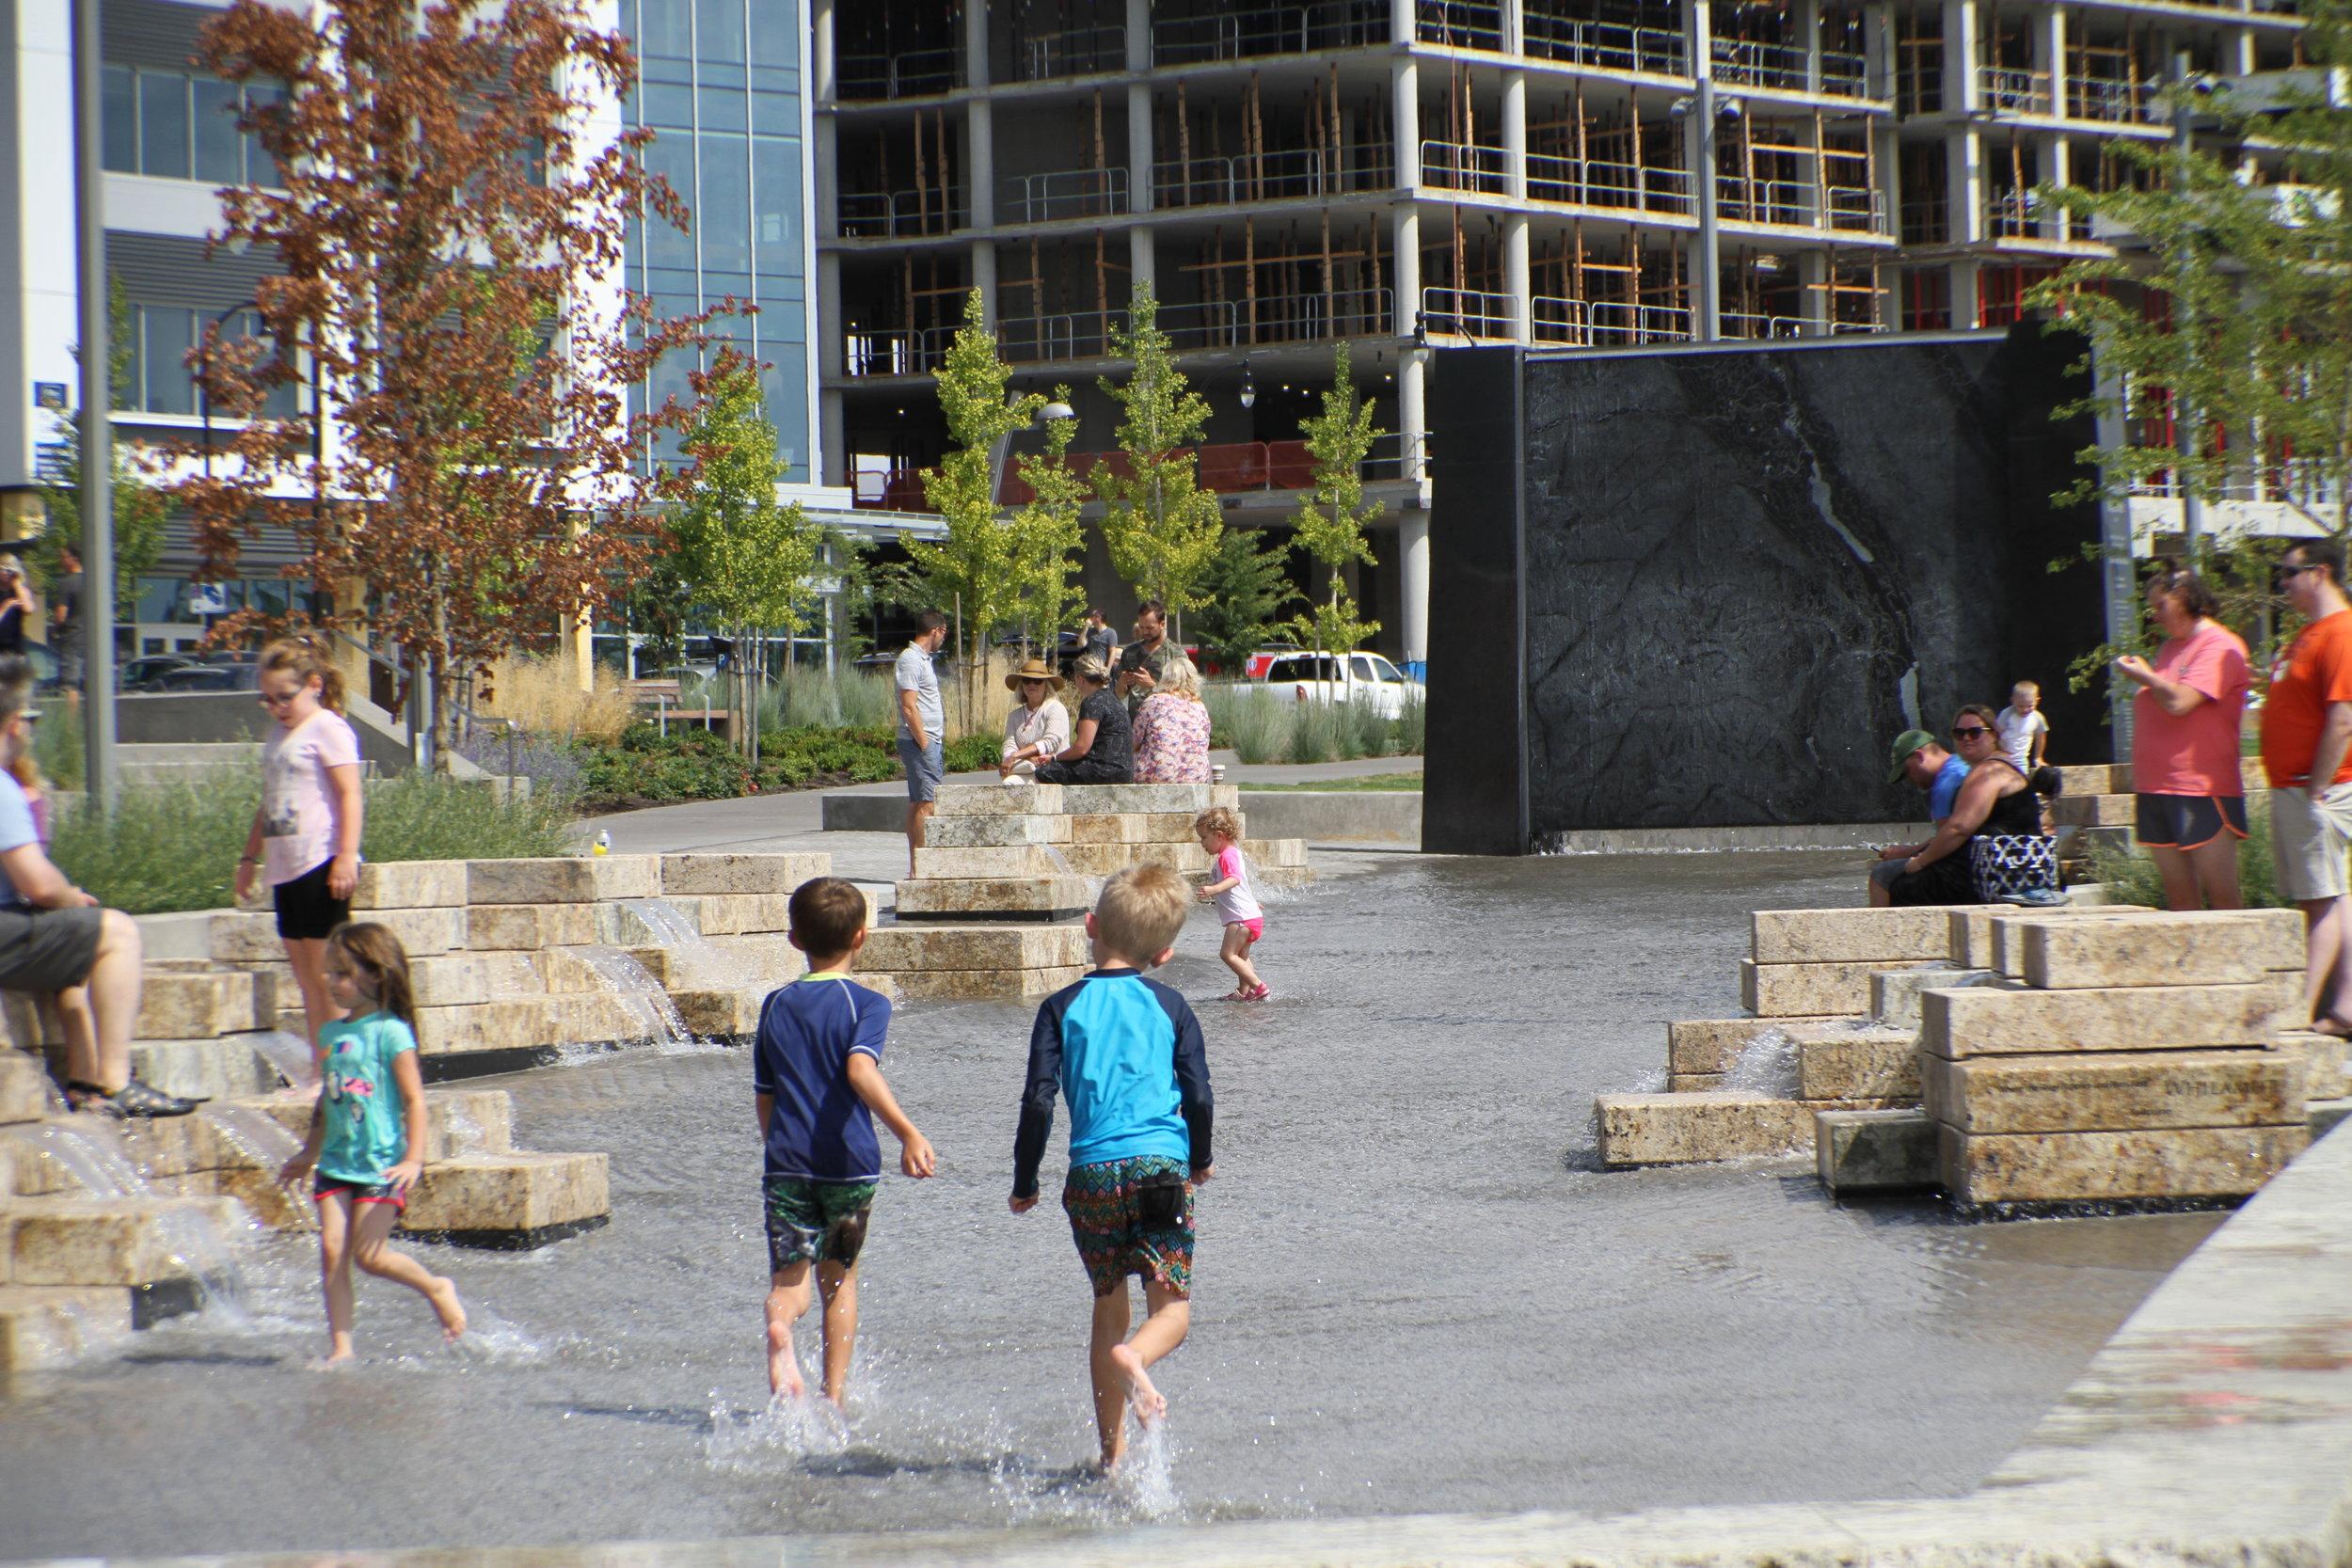 vancouver_waterfront park fountain_larry kirkland_public art services_j grant projects_26.JPG